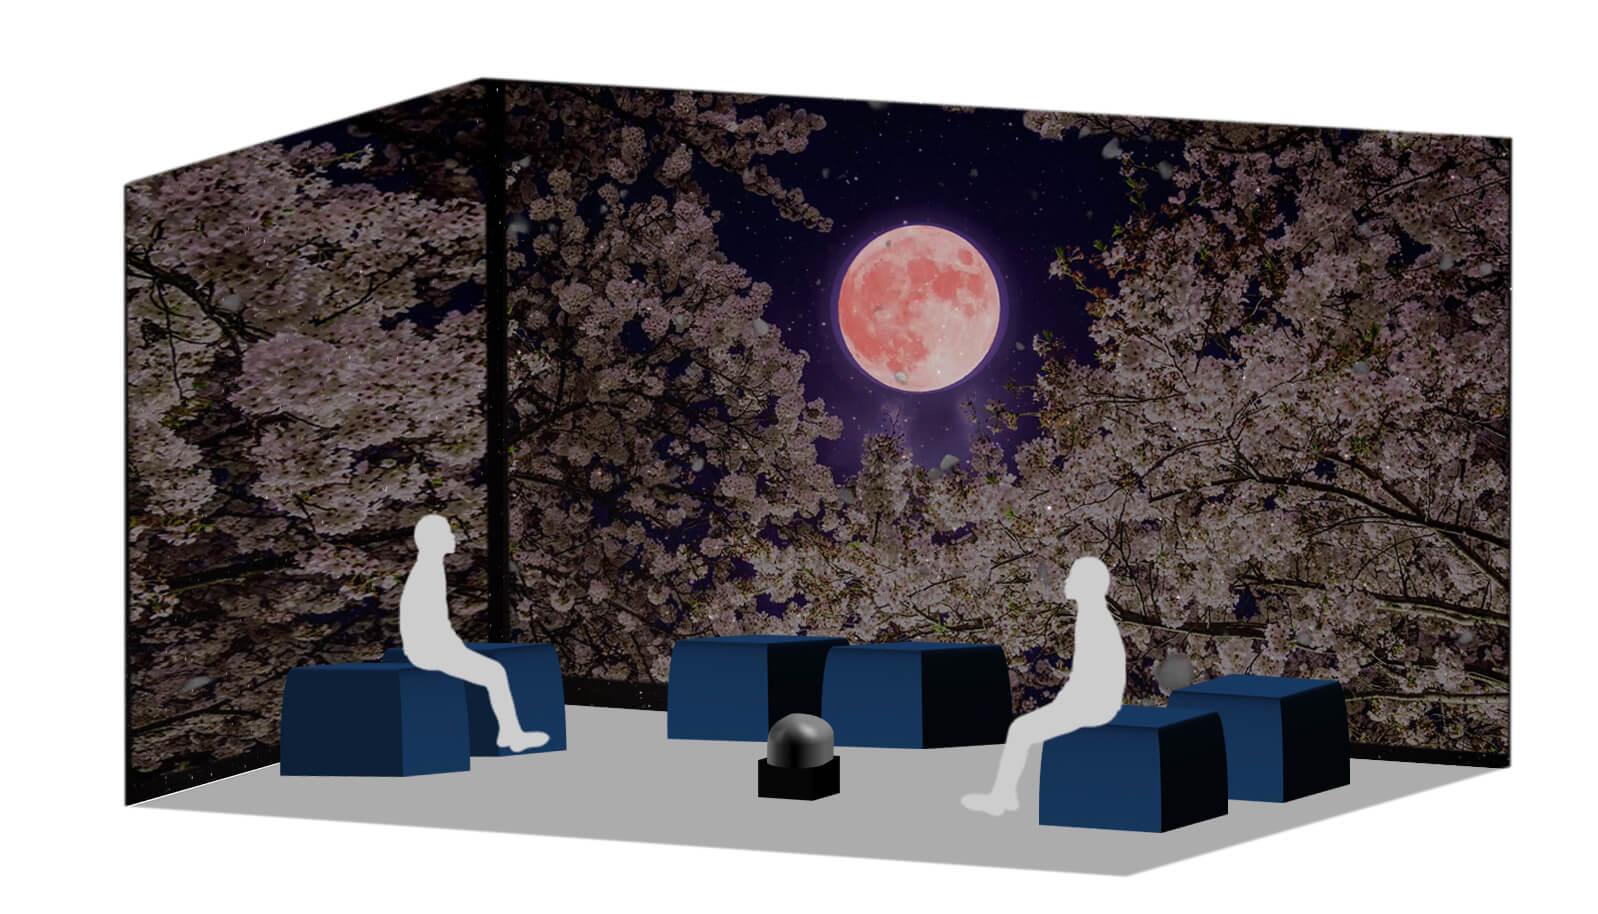 在原宿體驗日本全國各地的櫻花名勝!VR體驗「Galaxy Night Blossom」登場 在原宿、